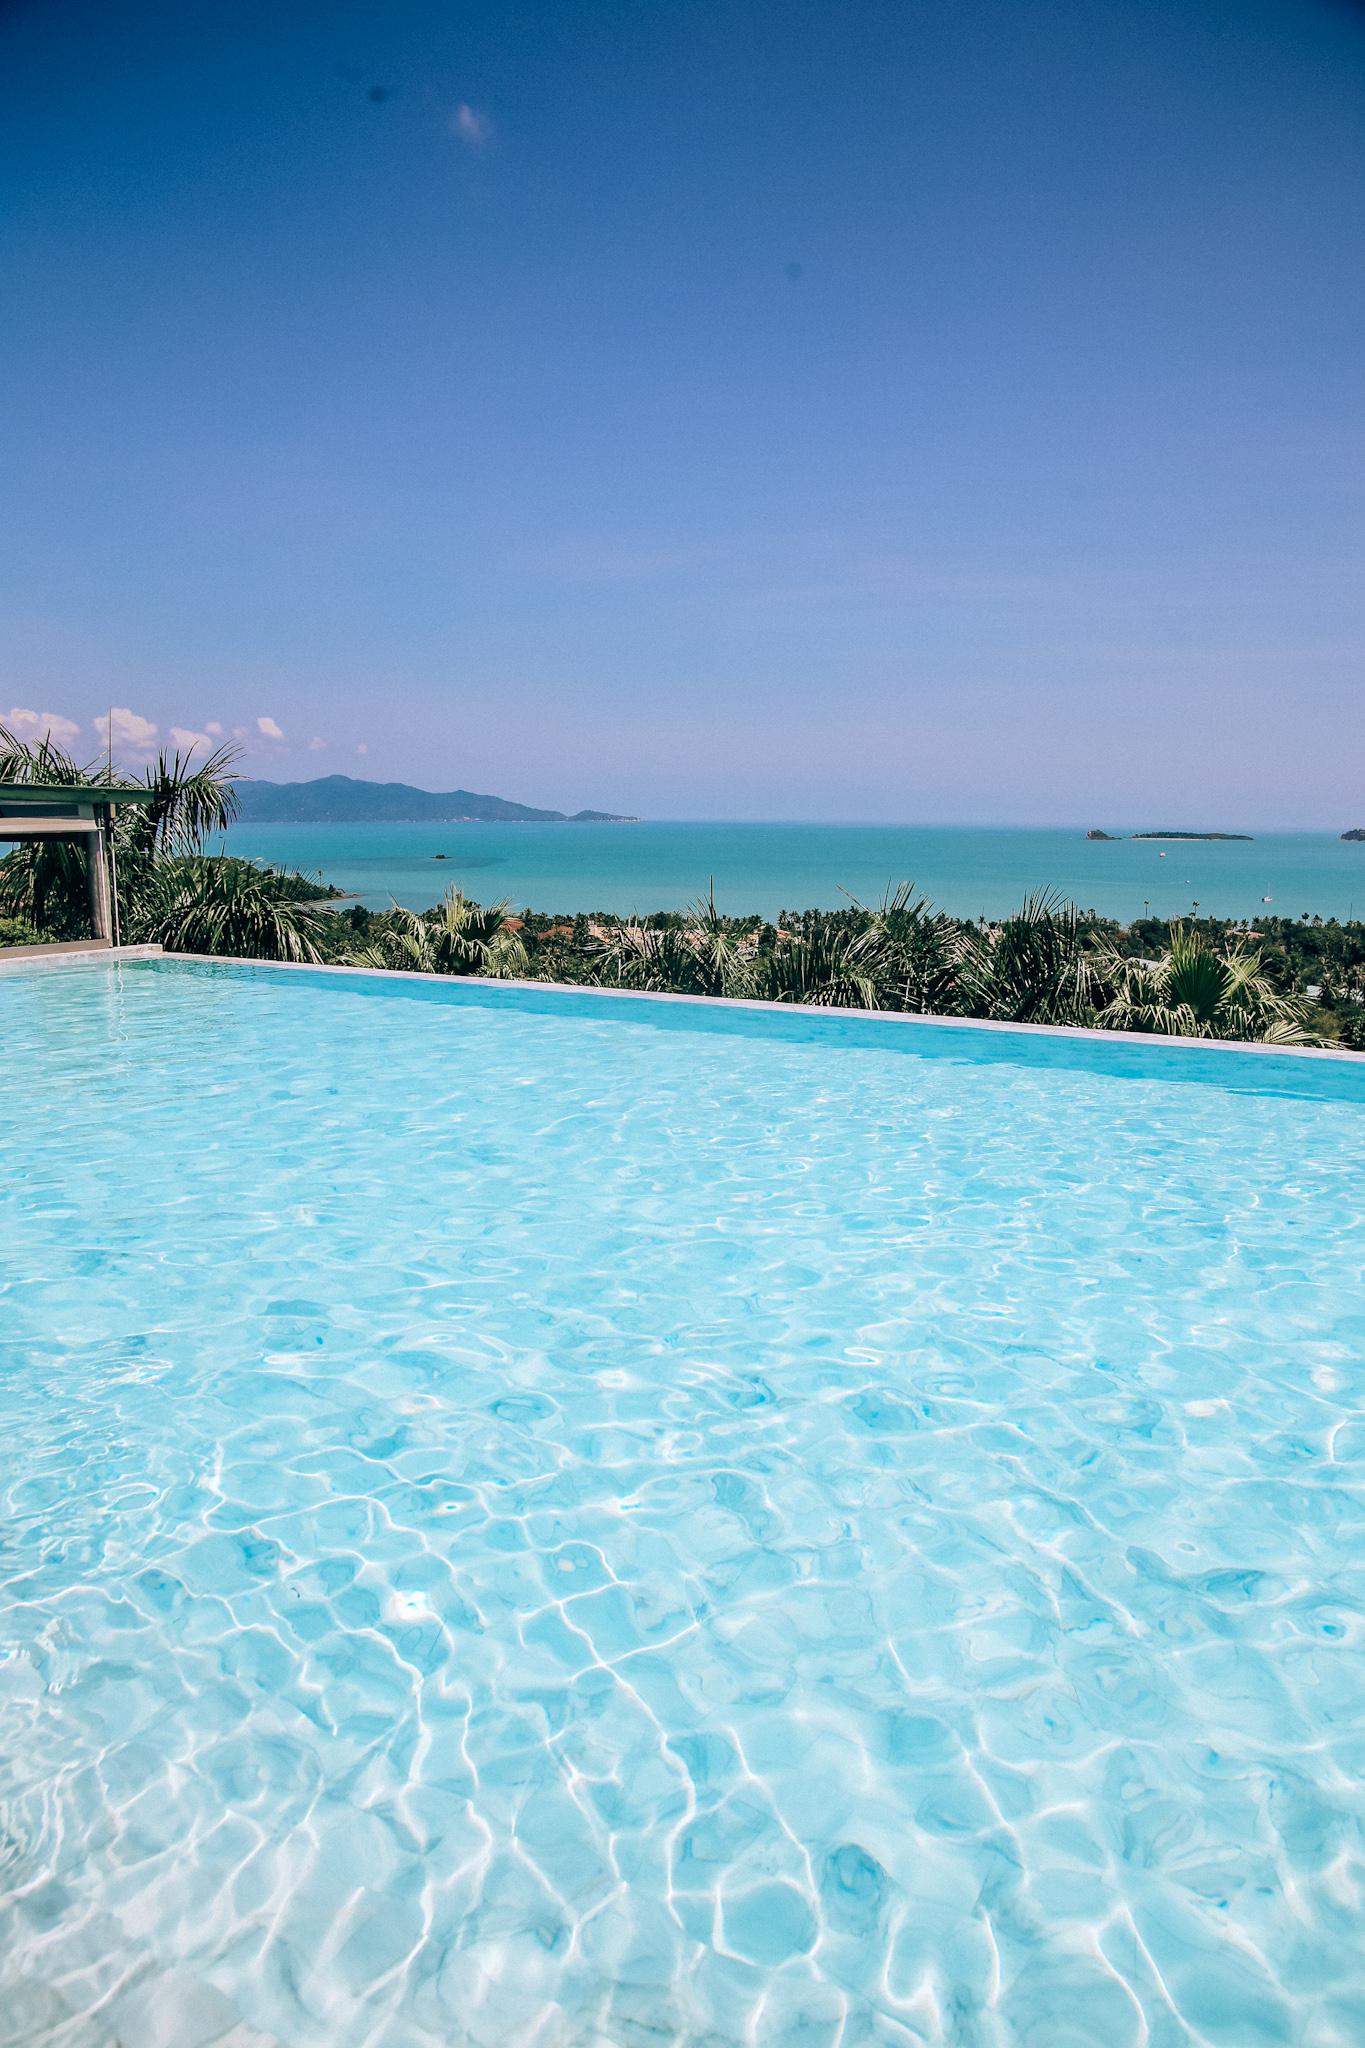 Mantra Resort Koh Samui